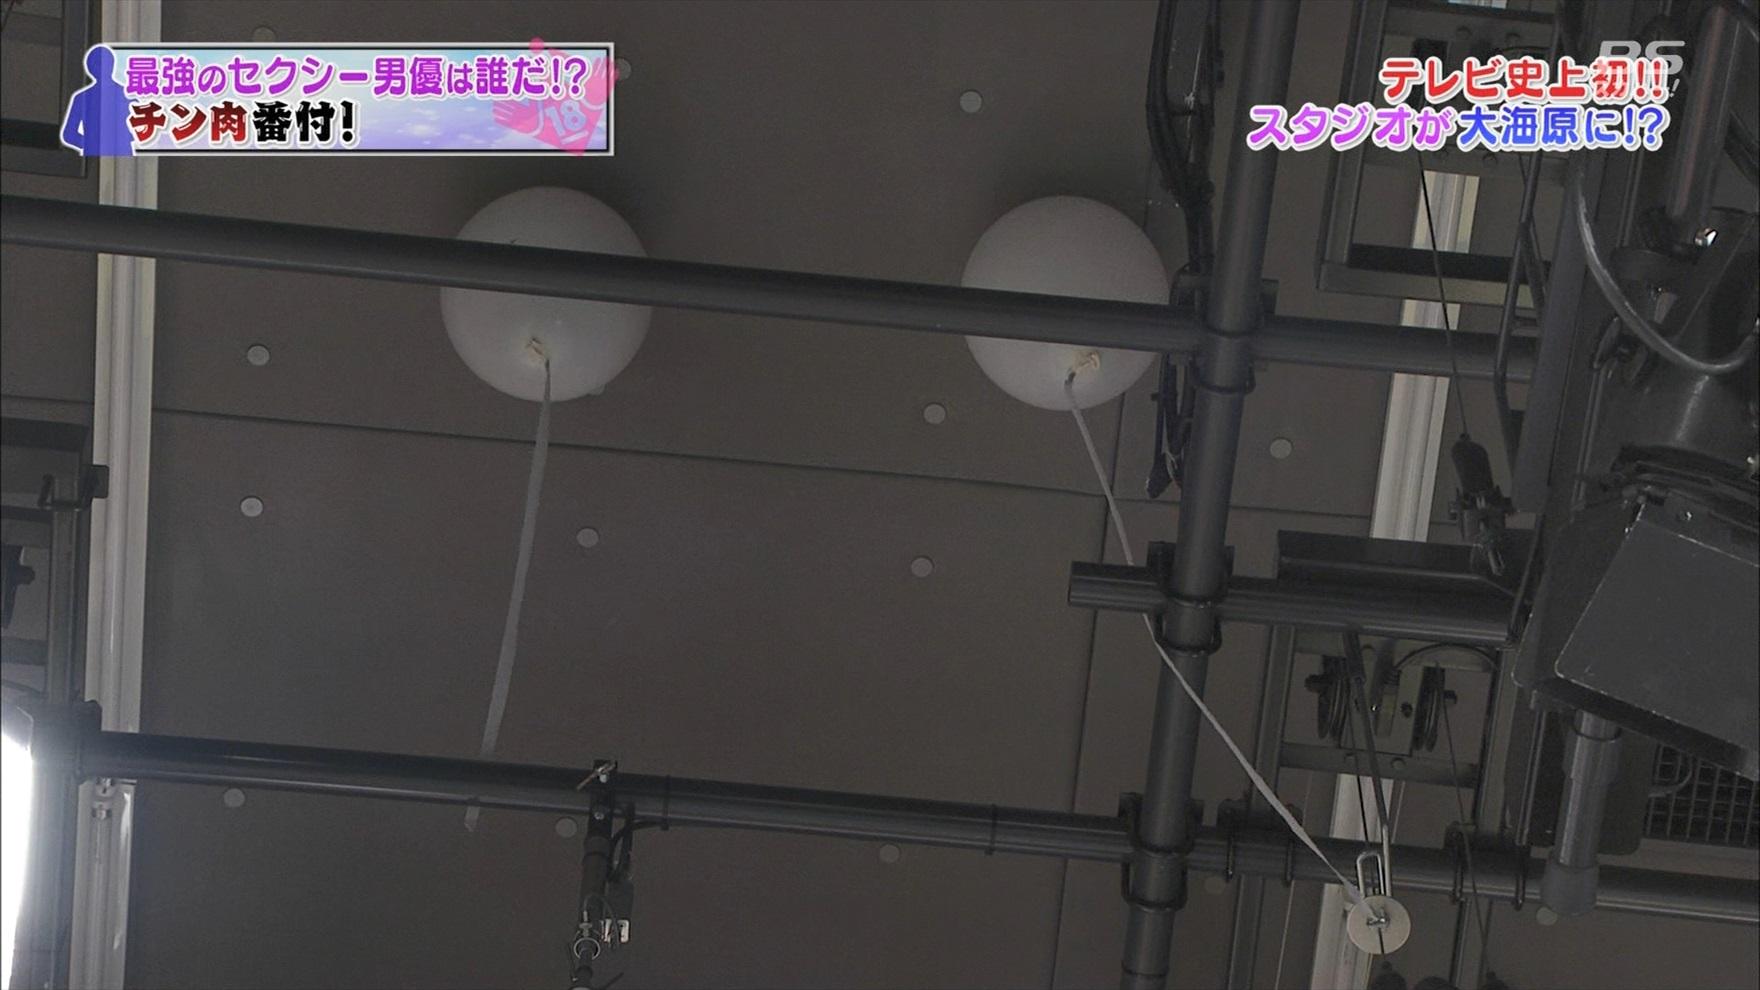 ダラケ! シーズン10 #5テレビキャプチャー画像-126